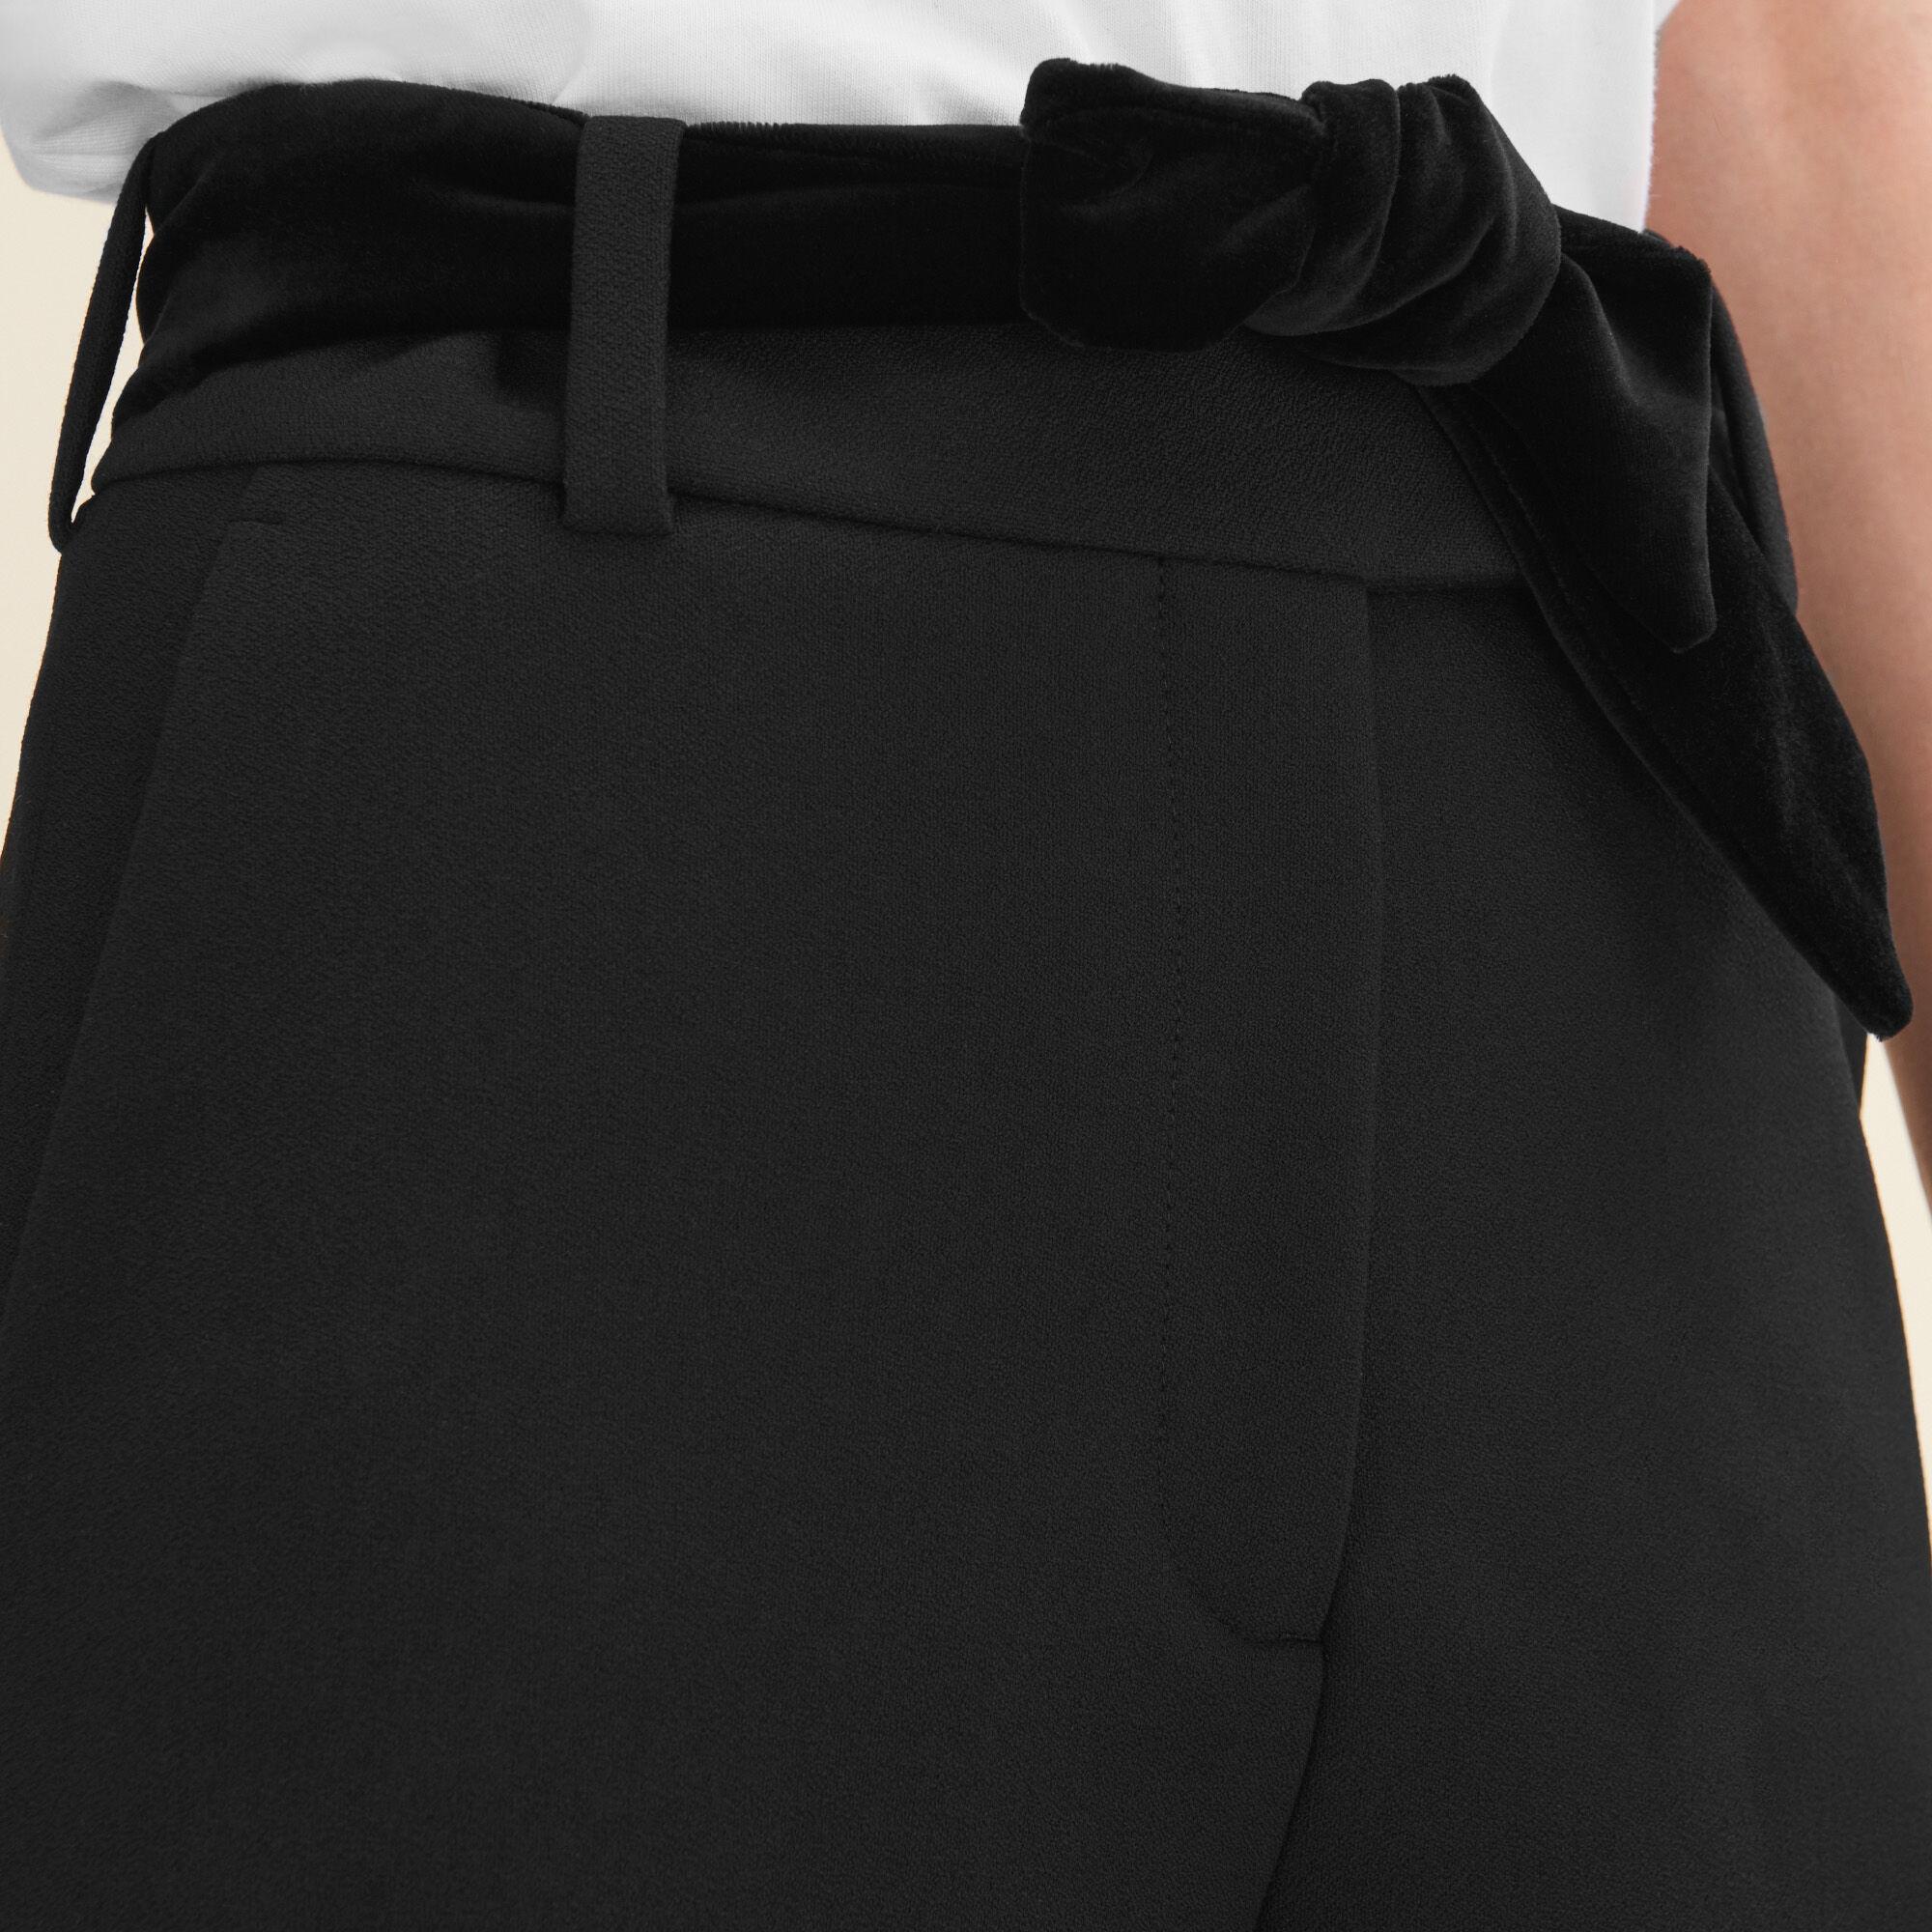 Günstig Kaufen Neue 2-in-1-Shorts aus Crêpe Maje Zum Verkauf Offizieller Seite nQqi17